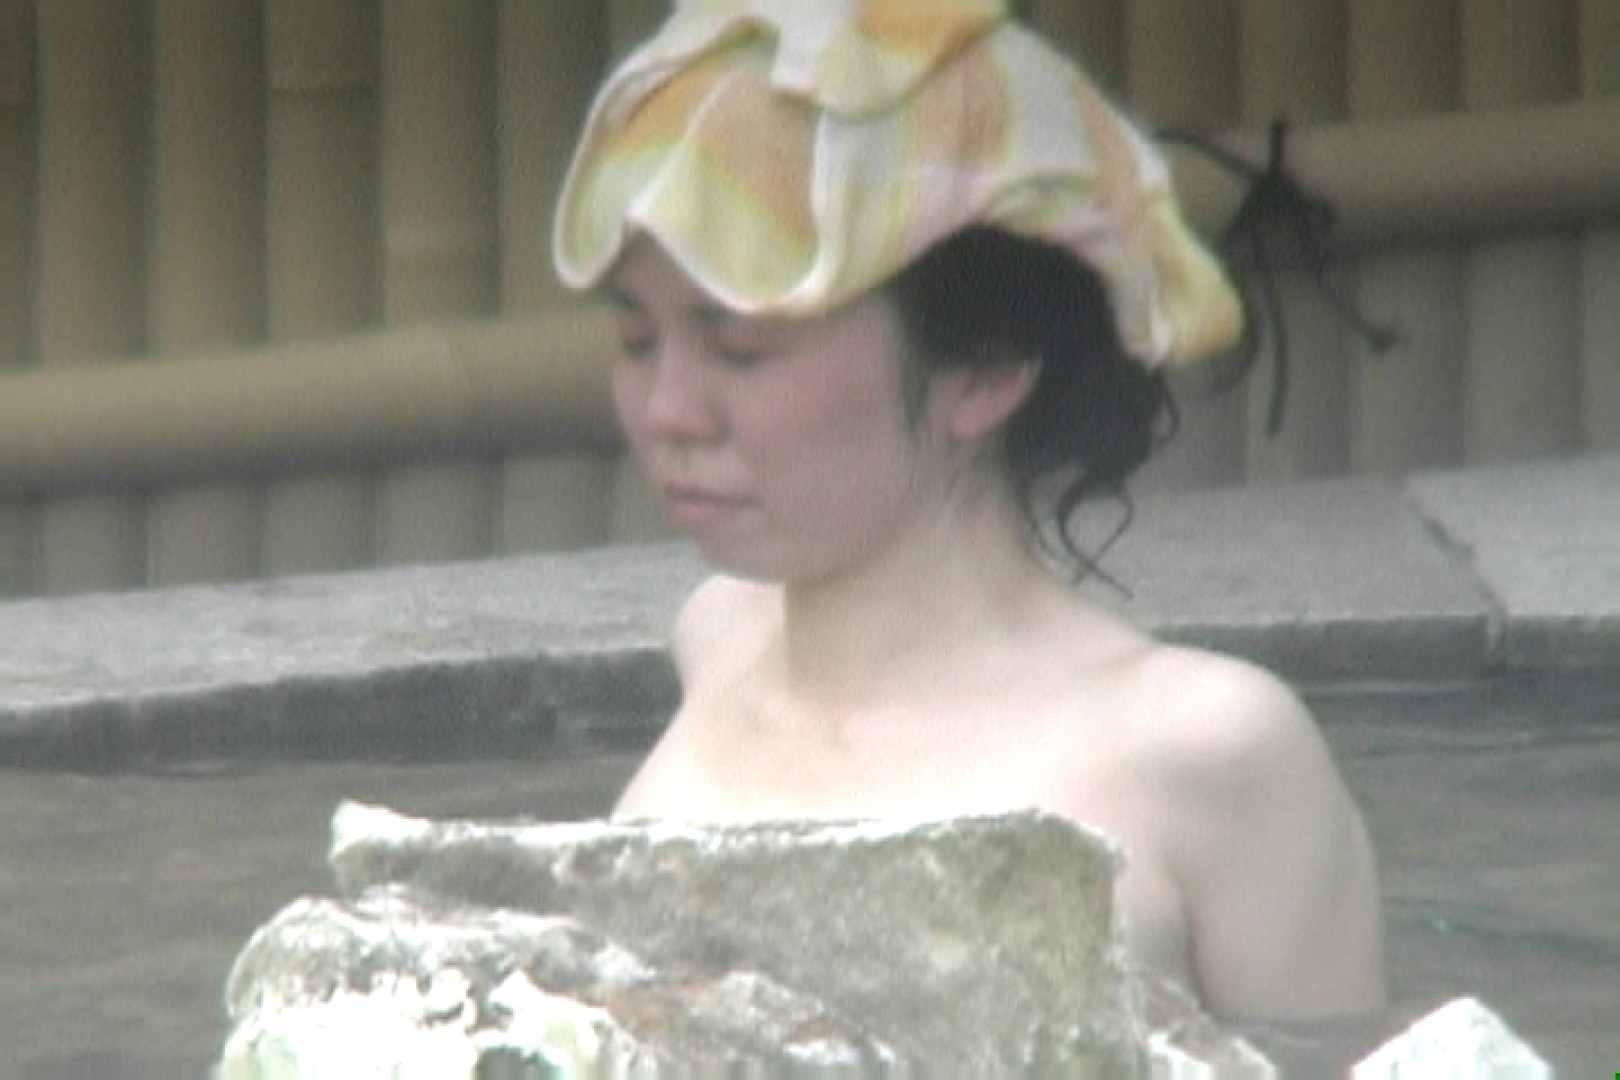 Aquaな露天風呂Vol.687 盗撮  63画像 21